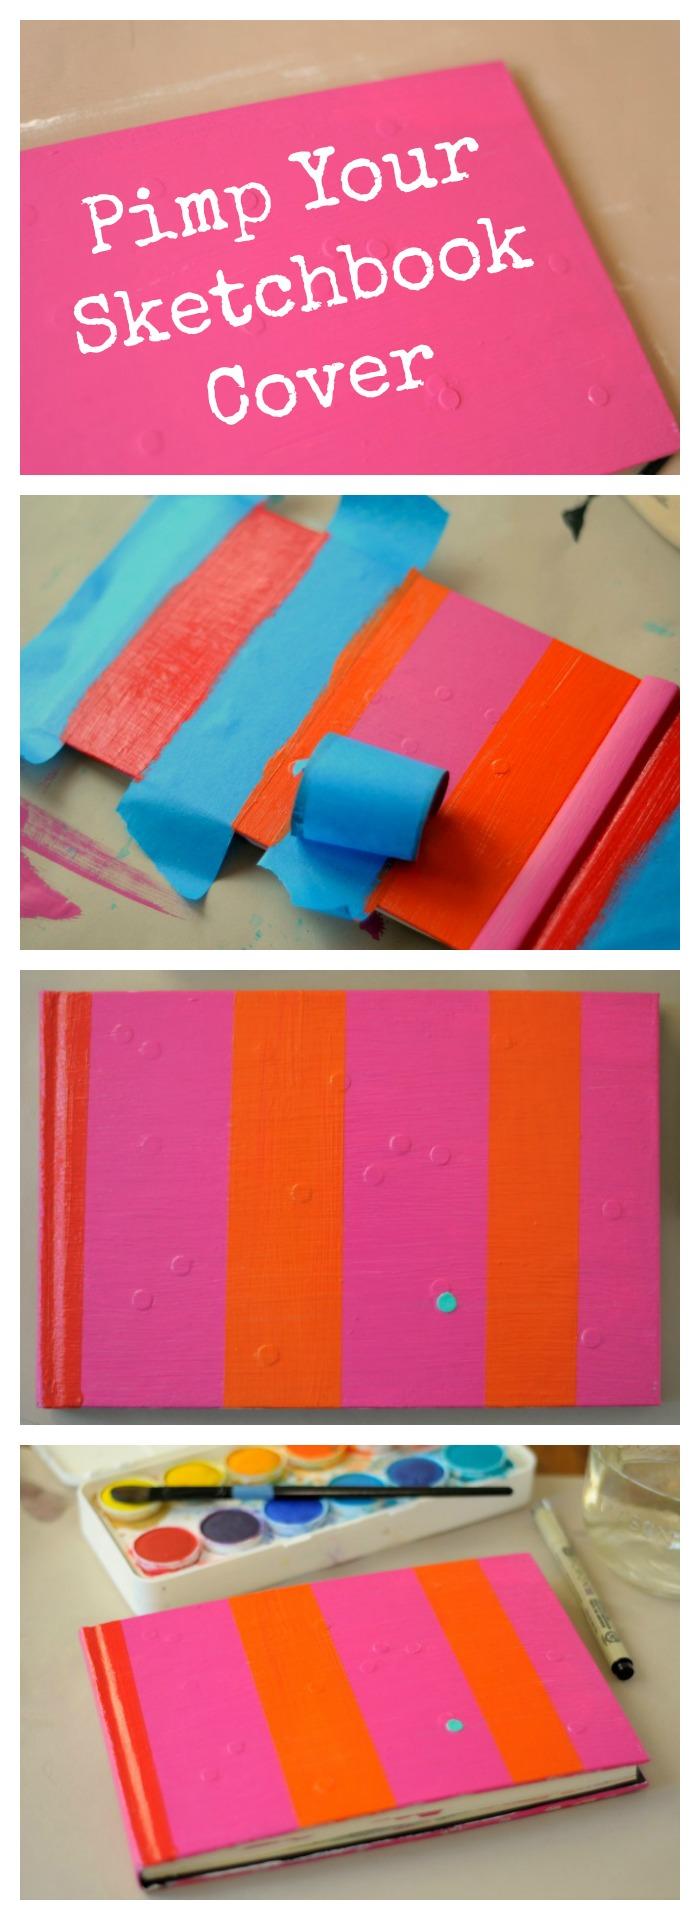 Sketchbook cover idea - paint it!